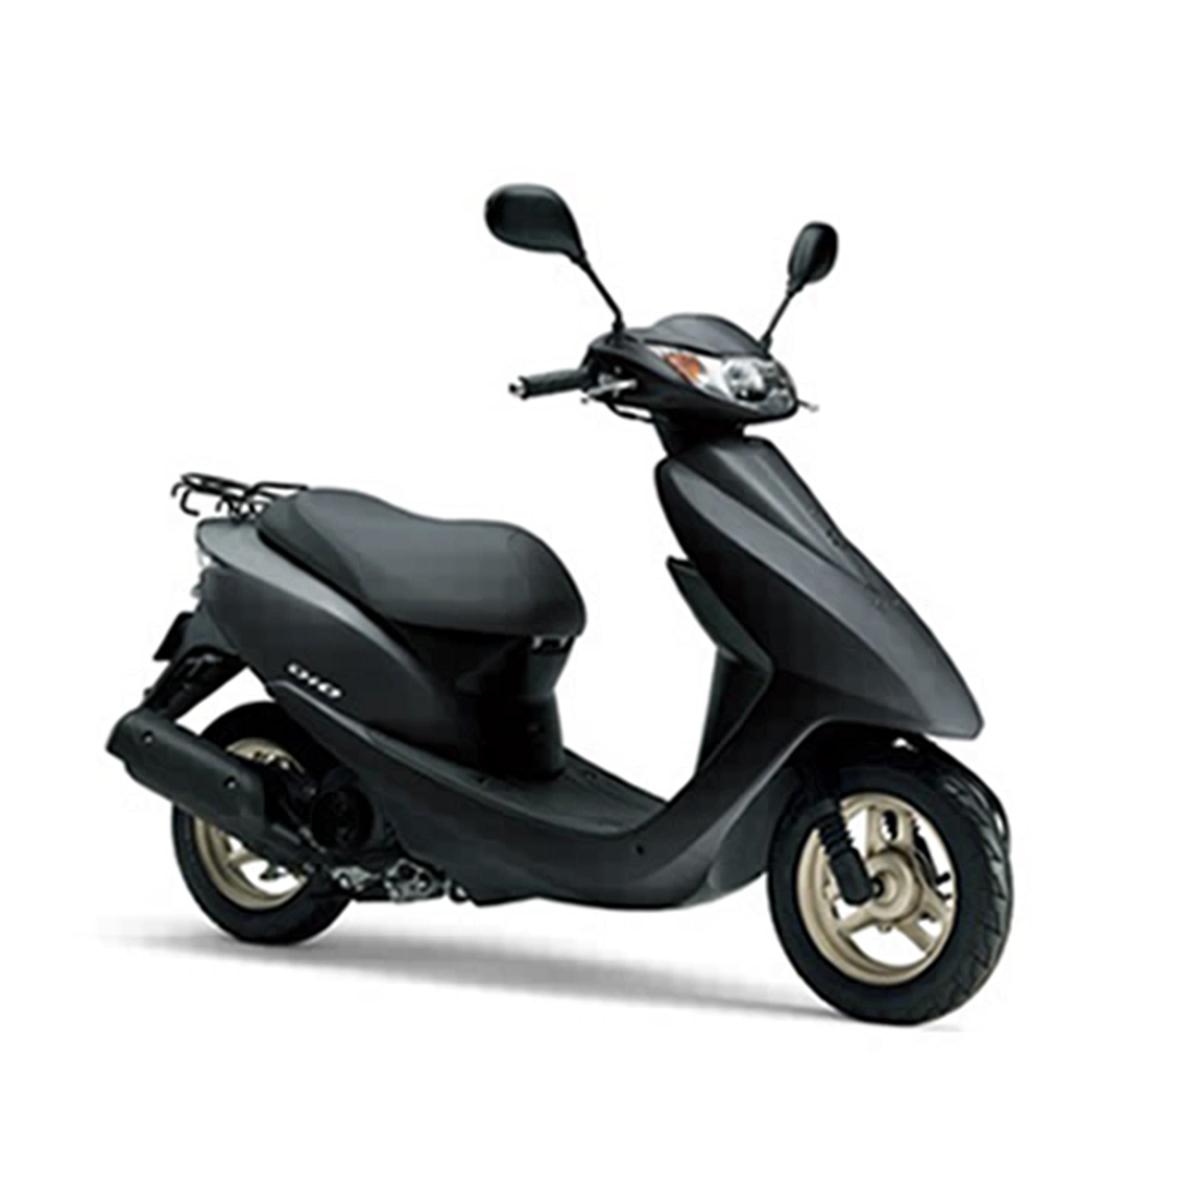 Japanese High Quality Dio Used Honda Motorcycle Honda For Sale Buy Motorcycle Honda Honda Motorcycle Used Motorcycle For Sale Product On Alibaba Com